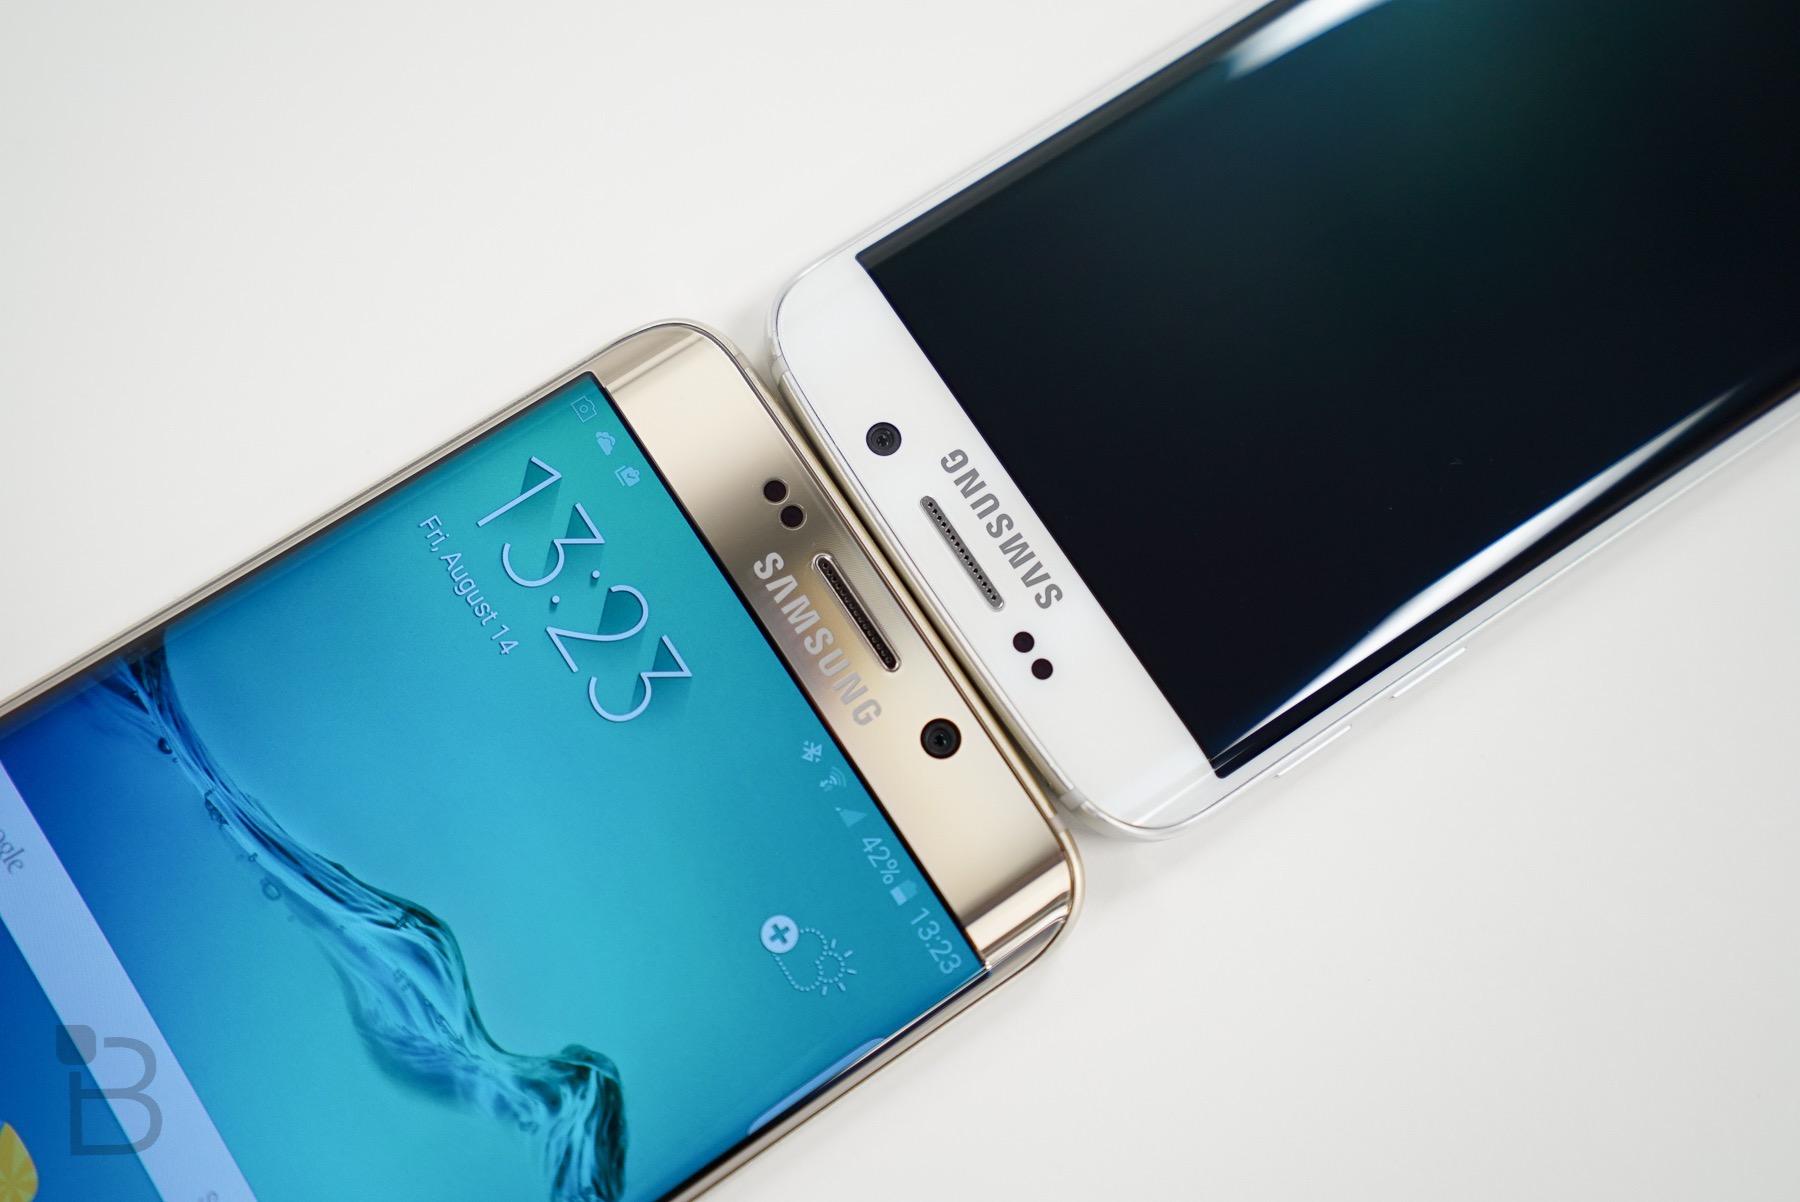 Samsung Galaxy S7 Edge Ne Zaman Çıkacak?